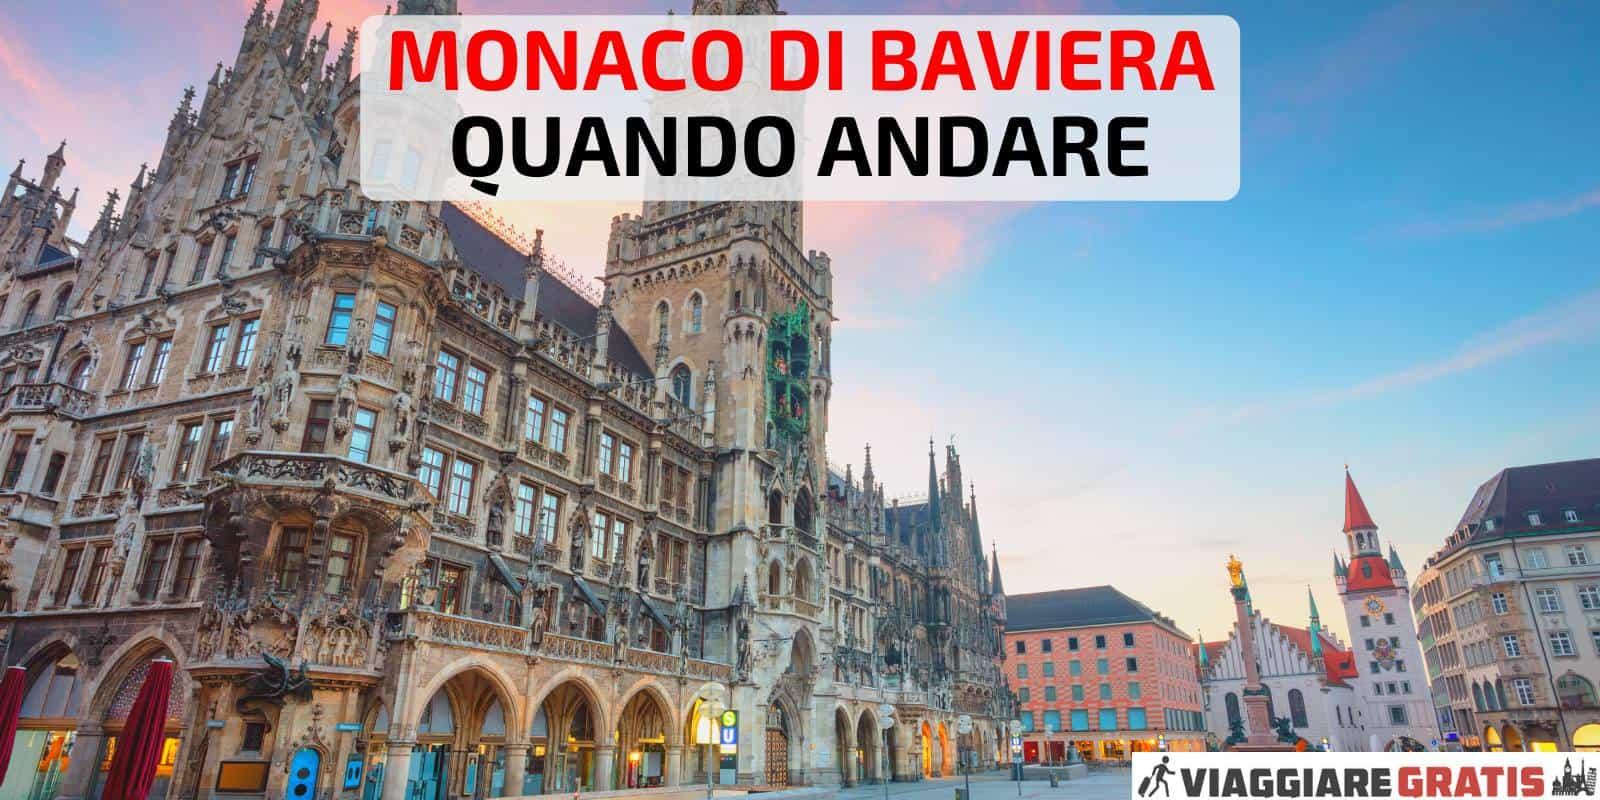 Meteo a Monaco di Baviera quando andare